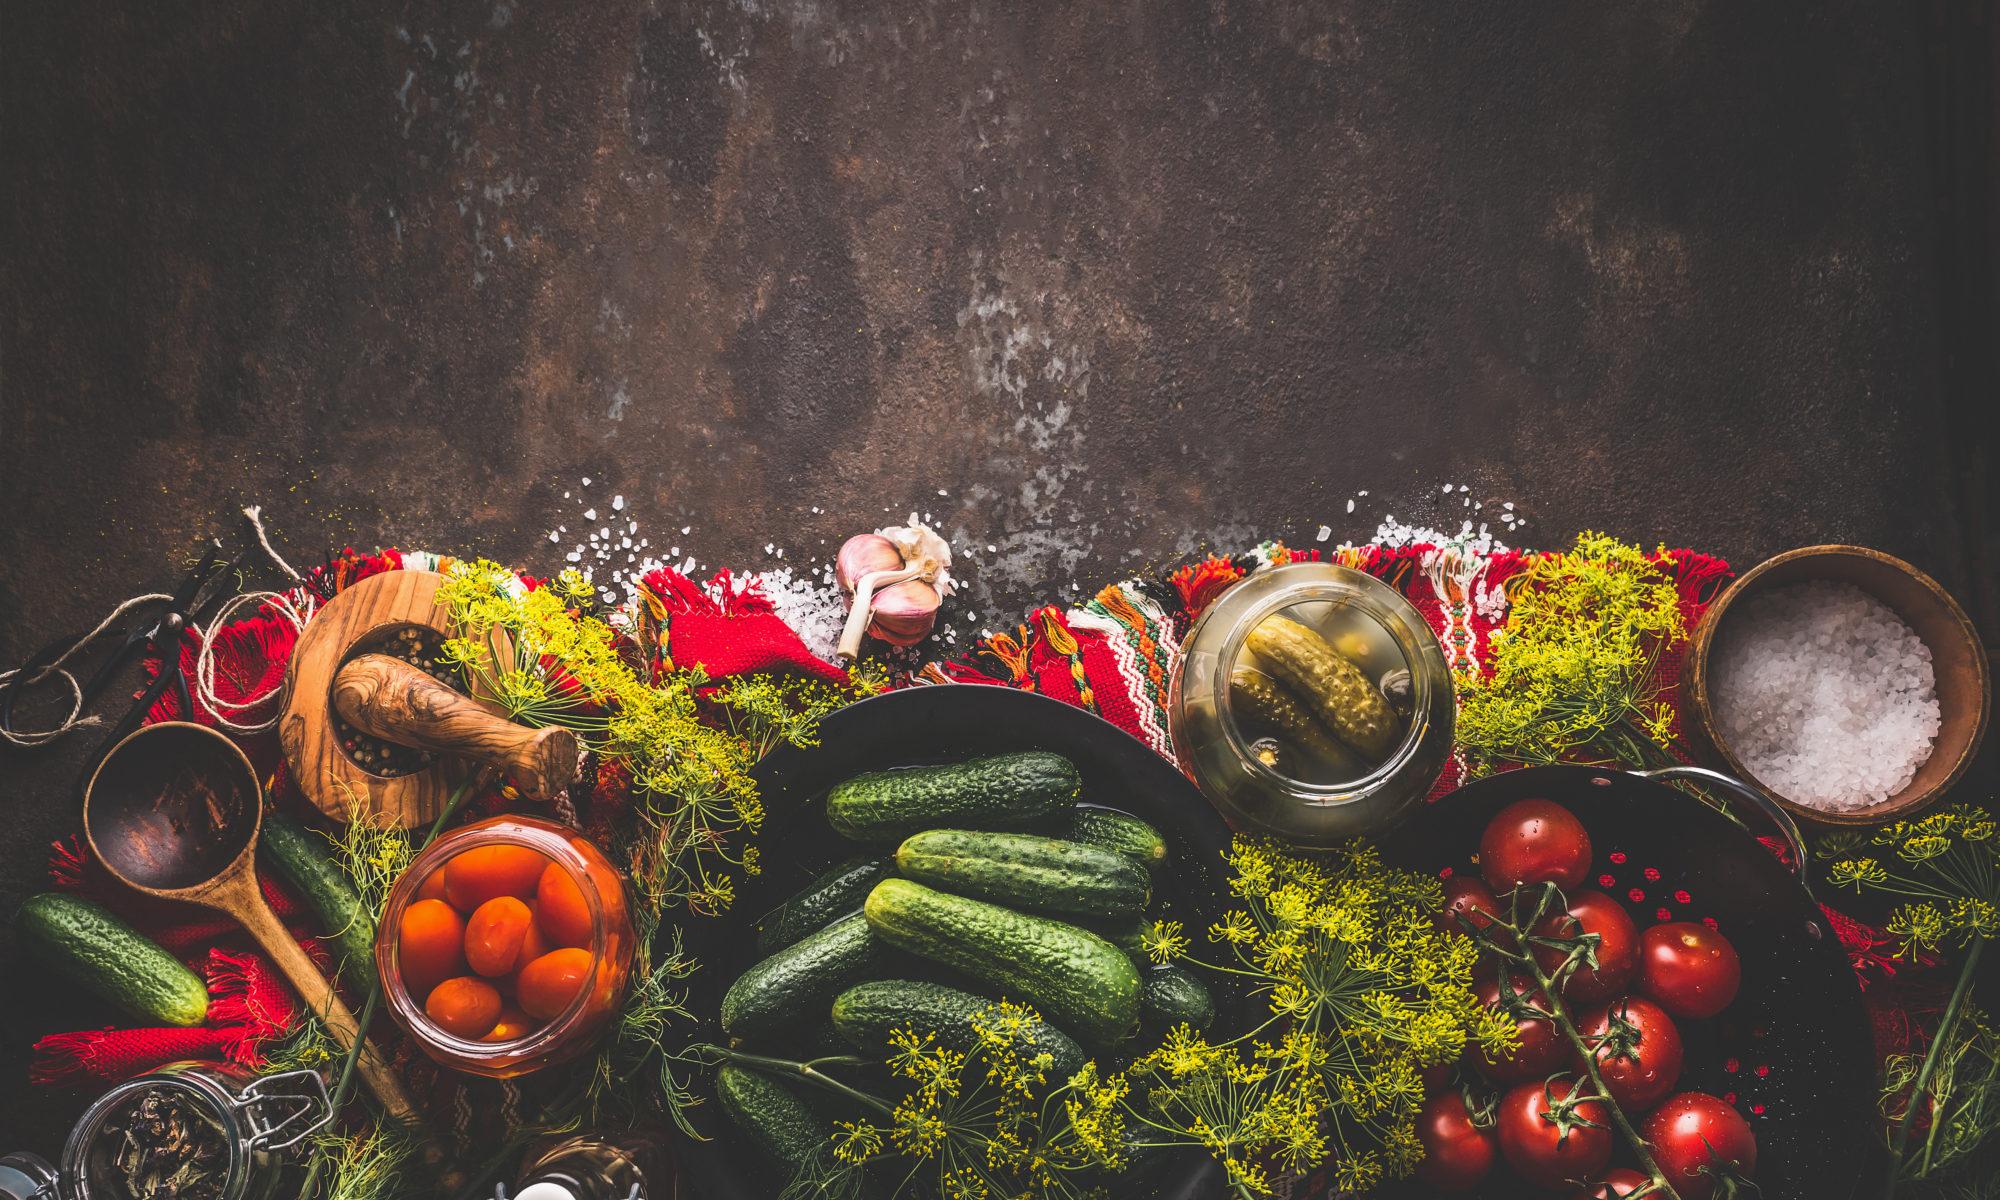 kiszenie warzyw i owoców